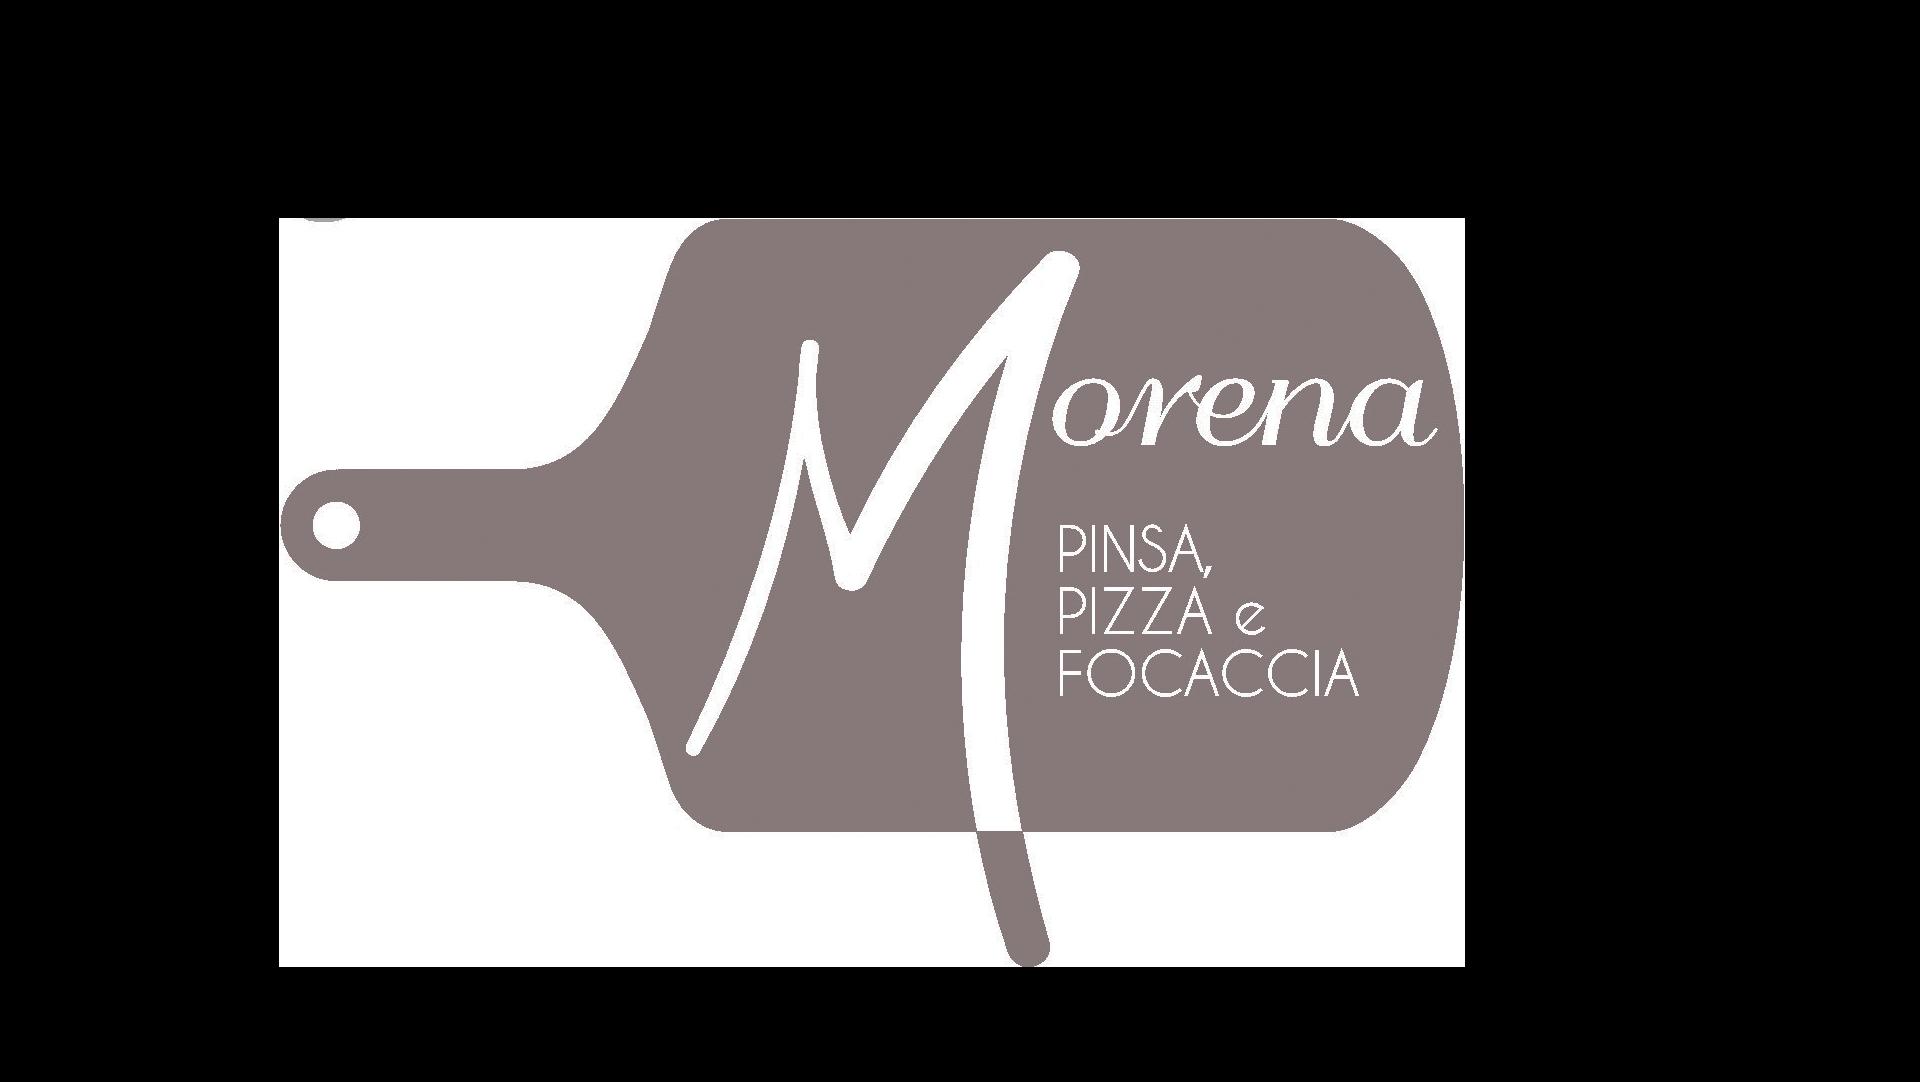 Morena Pinsa, Pizza e Focaccia